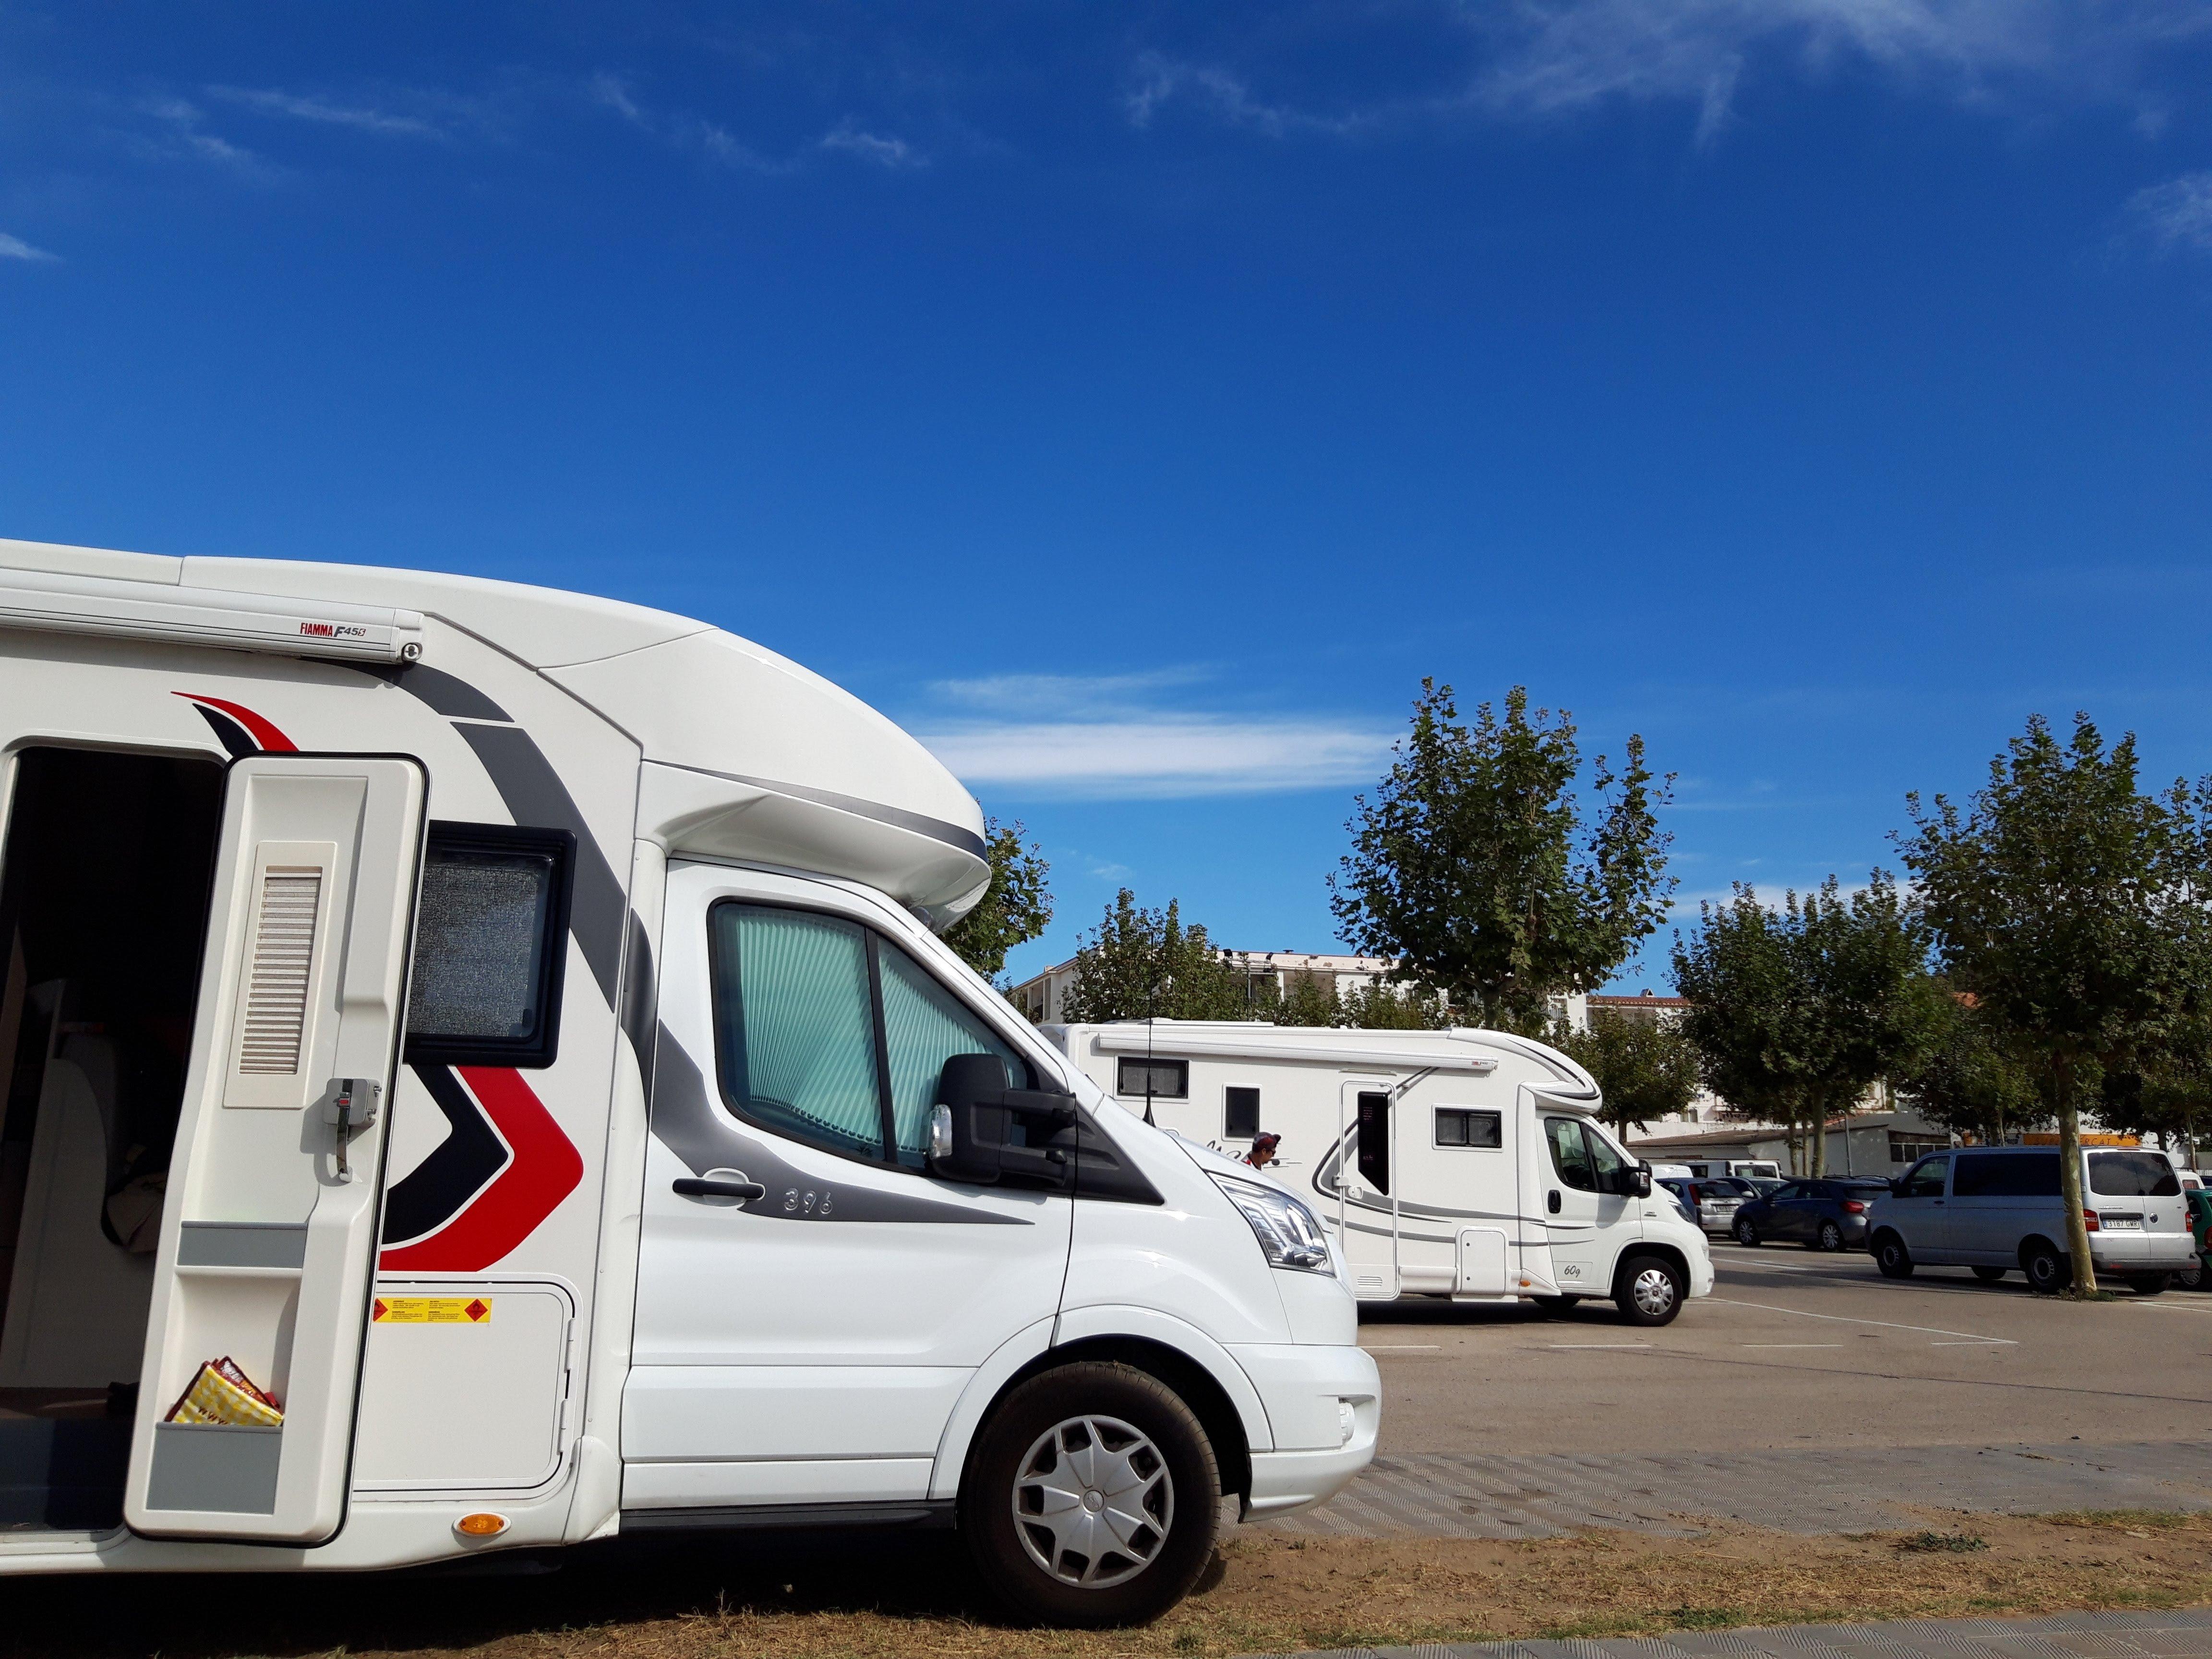 6 raisons de détester voyager en camping-car. Et pourtant, je t'aime ...